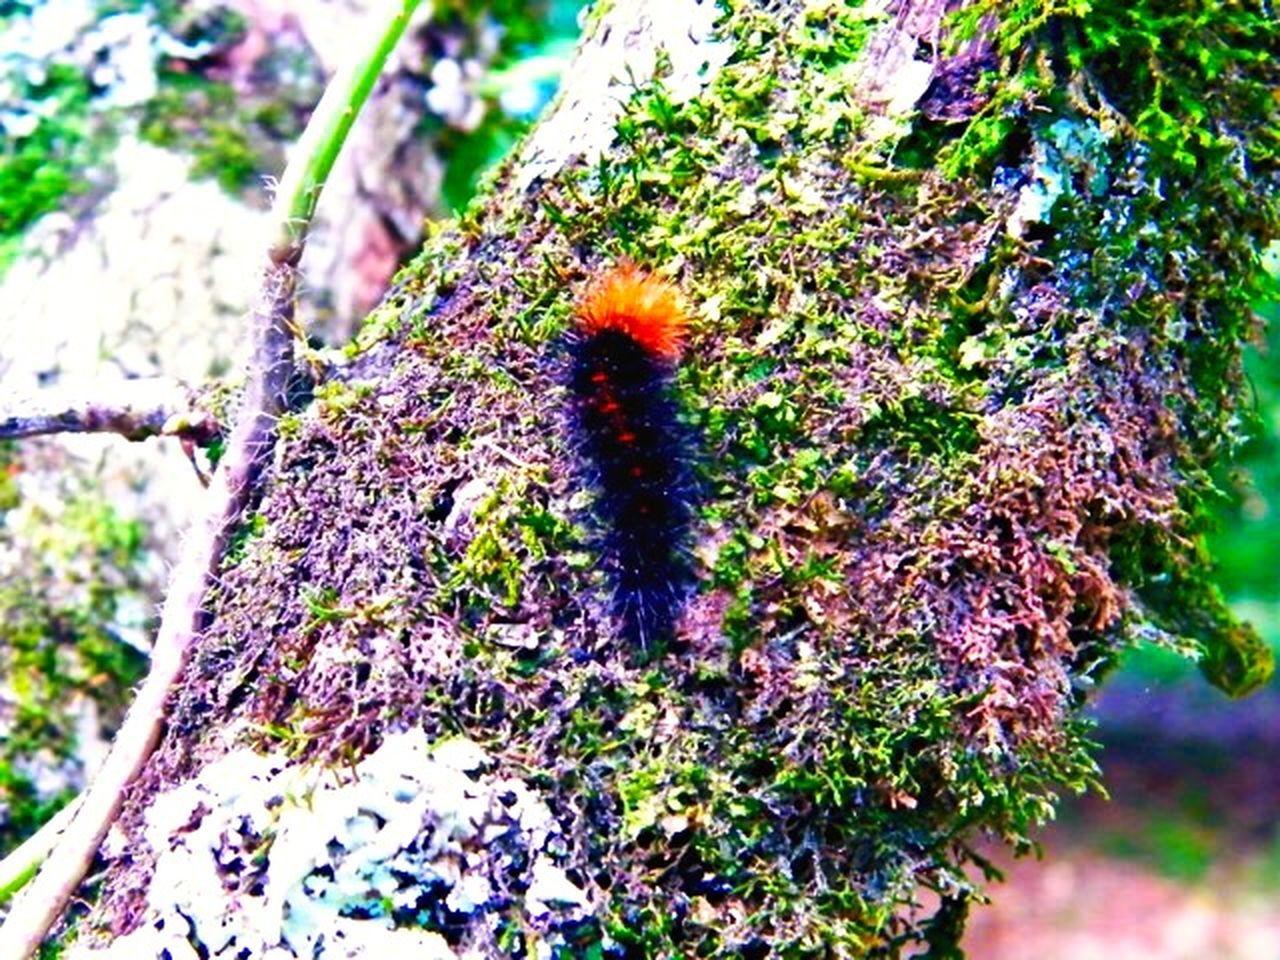 Nature_collection Smart Simplicity Beautiful Nature Tree Caterpillar beautiful and dangerous Dangerous Caterpillar